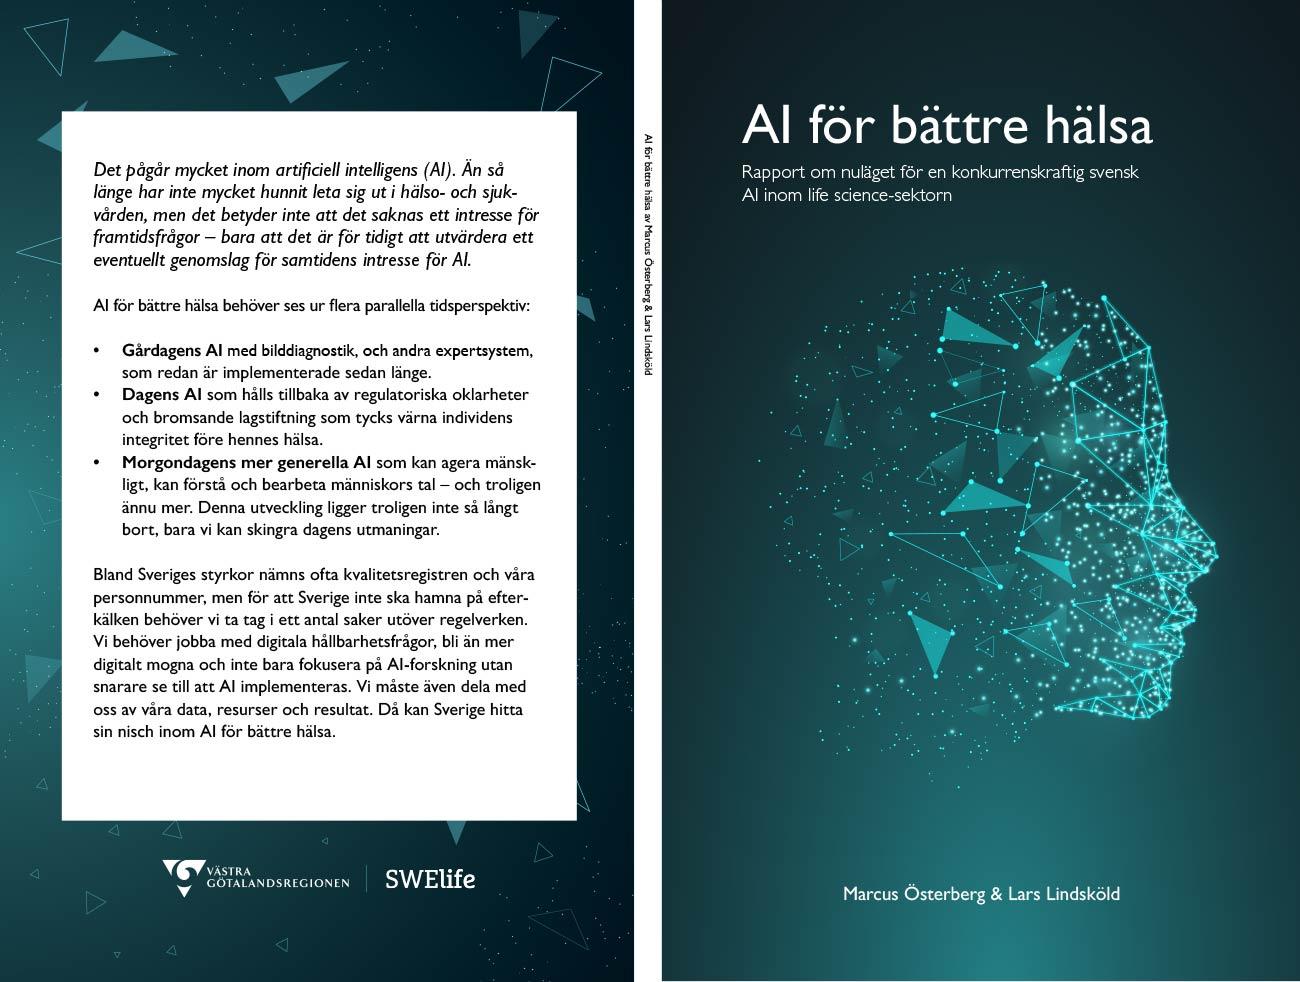 Omslag från rapporten AI för bättre hälsa (Swelife, 2020)